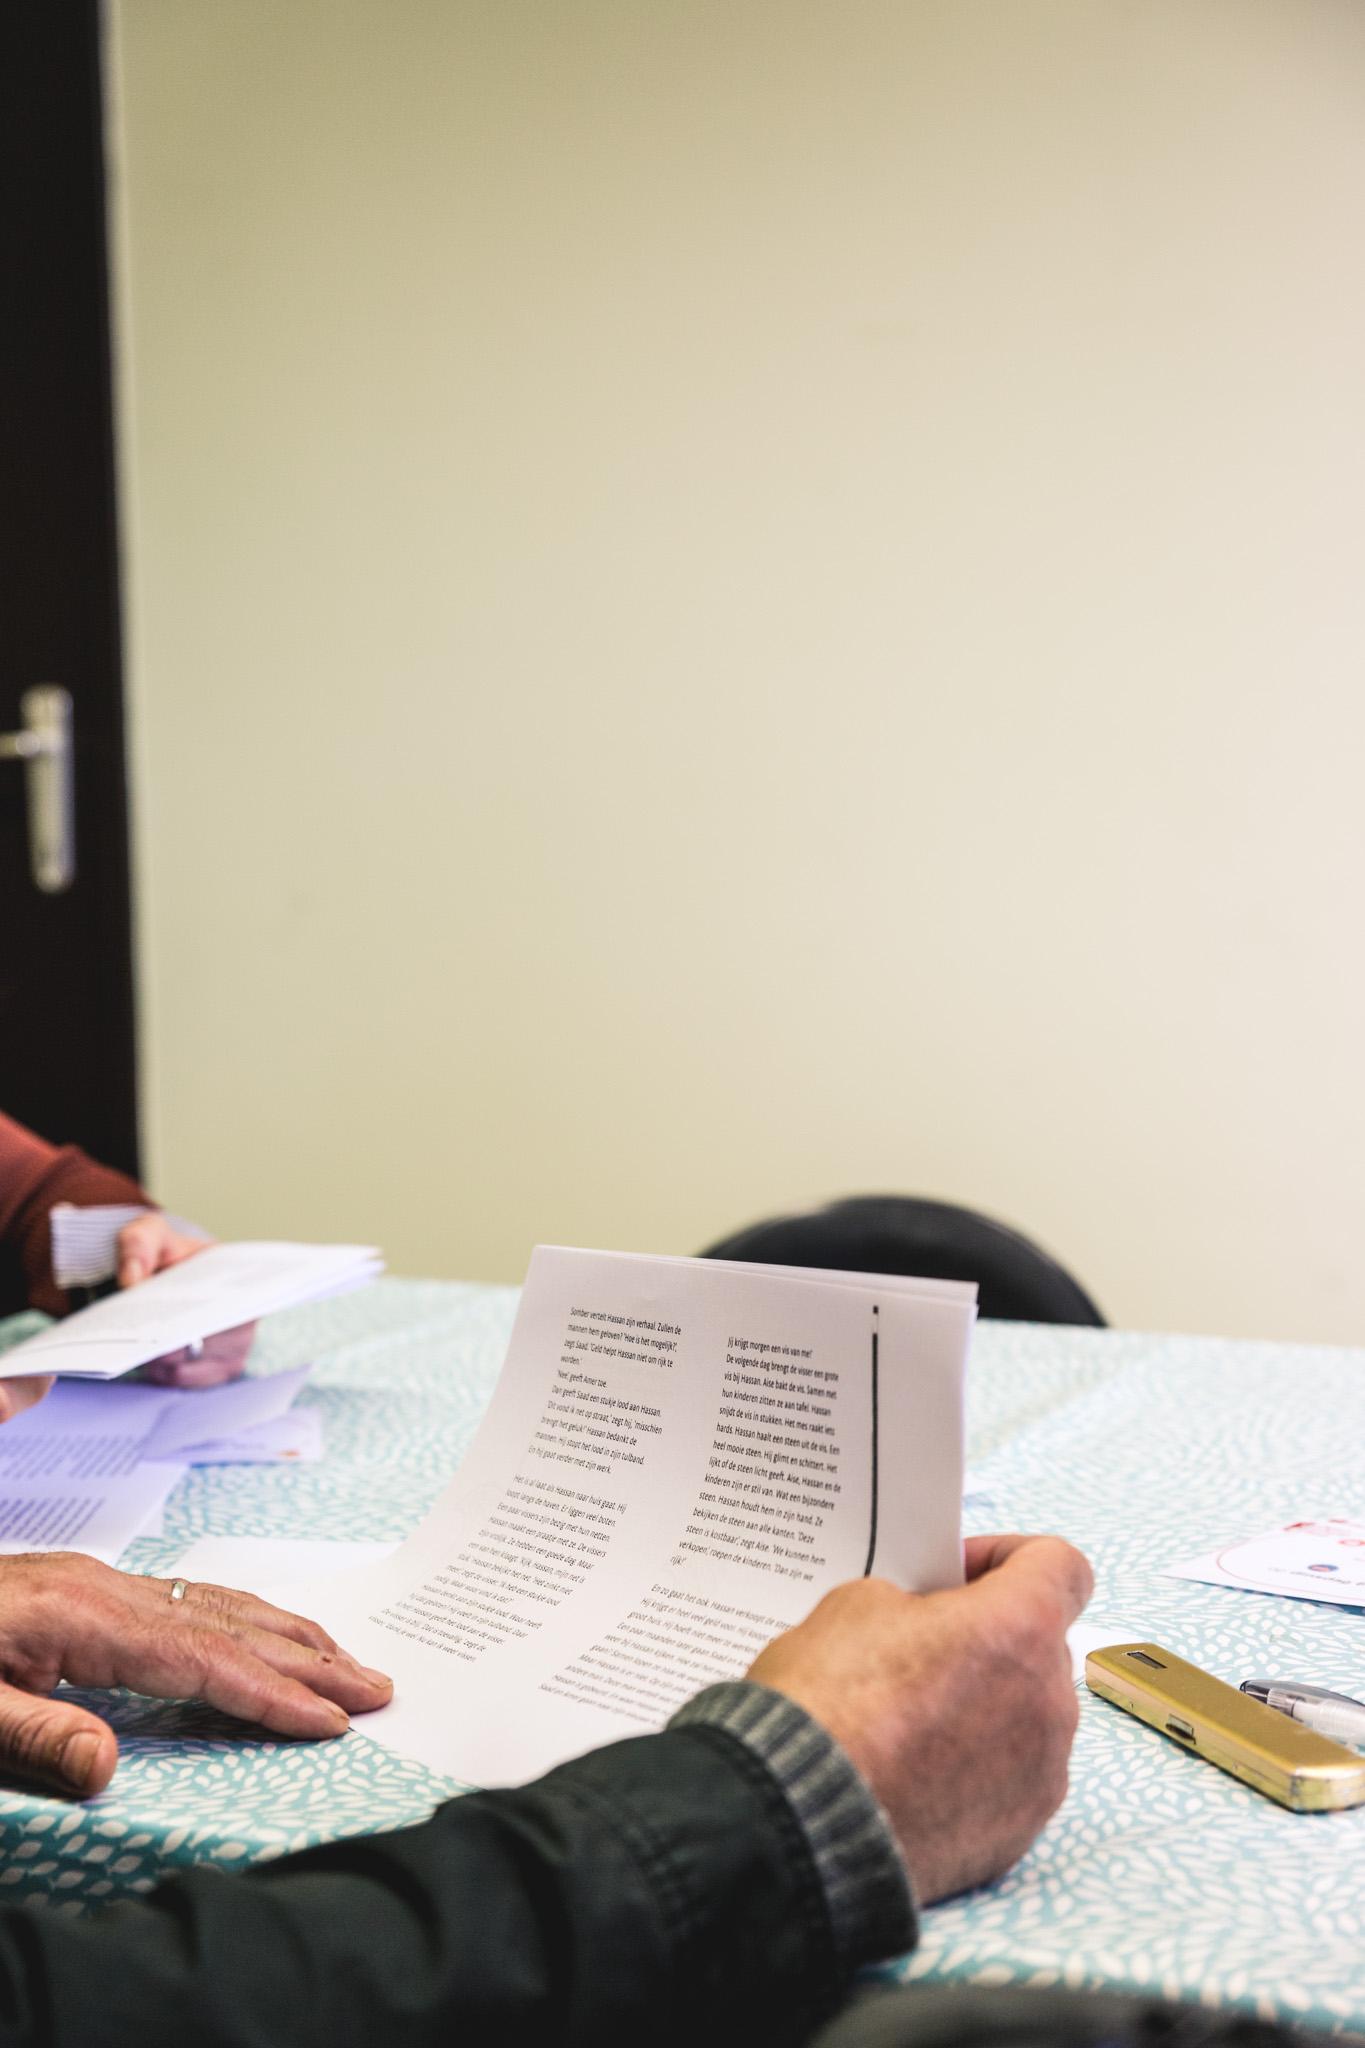 persoon buiten beeld houdt blad met tekst in handen